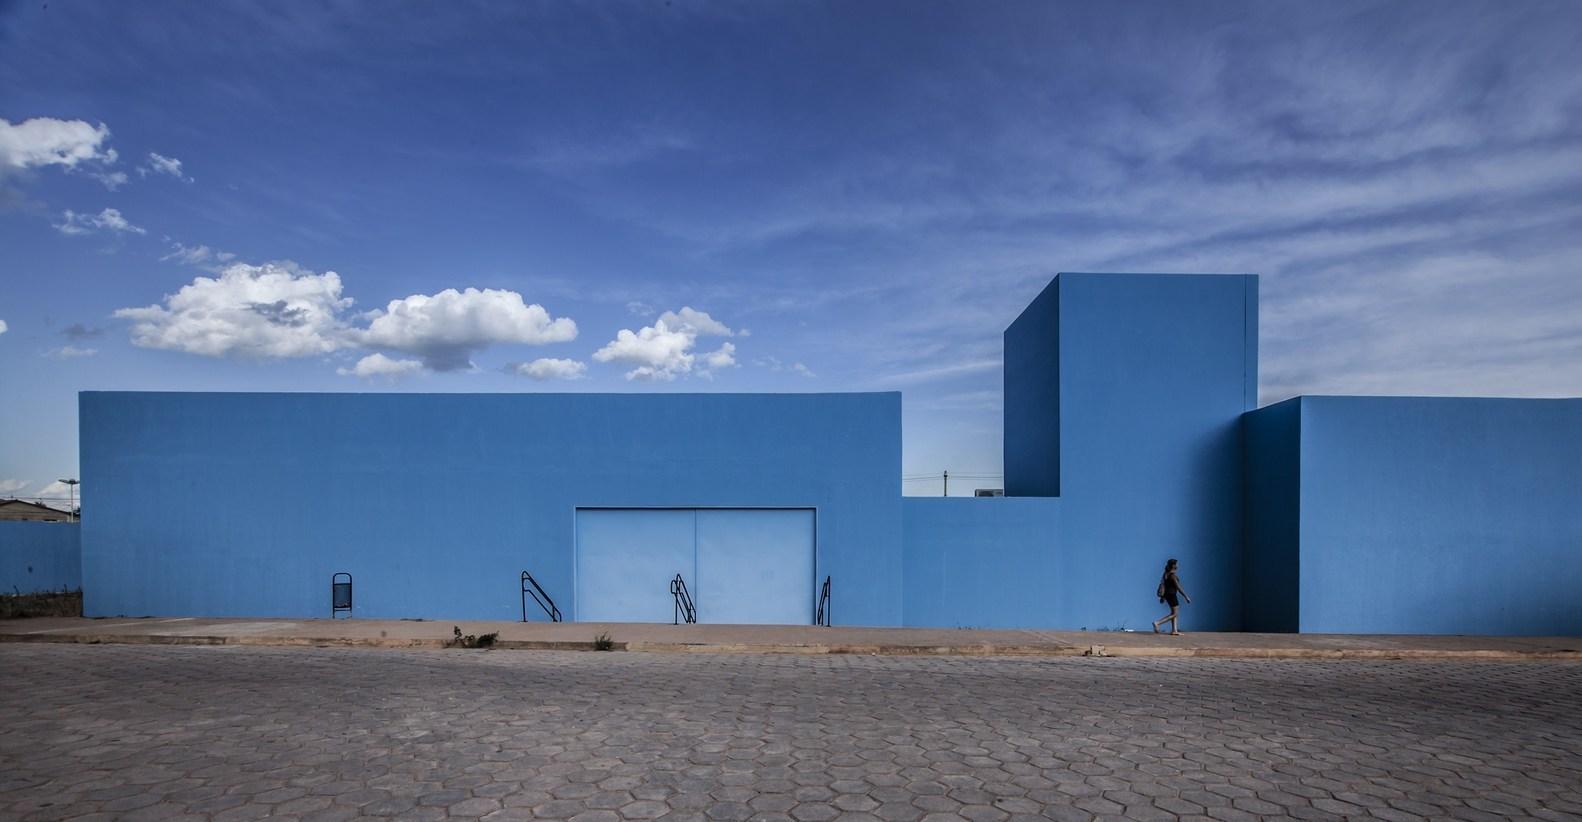 Color en Arquitectura: Las mejores estrategias y tendencias de diseño, los mejores ejemplos en obras y materiales ,© Junia Mortimer. ImageMuseo de la Cachaça / Jô Vasconcelos